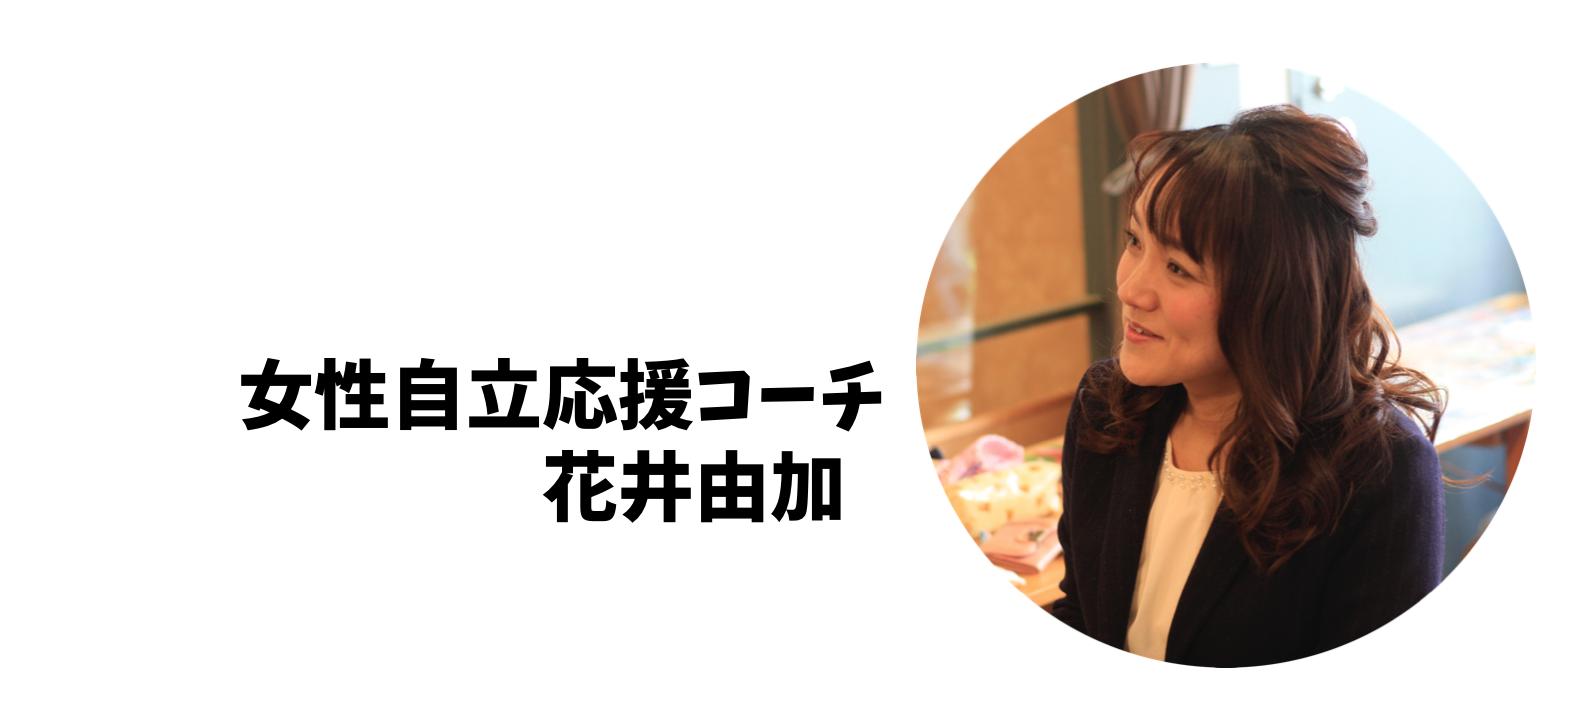 女性自立応援コーチ 花井由加